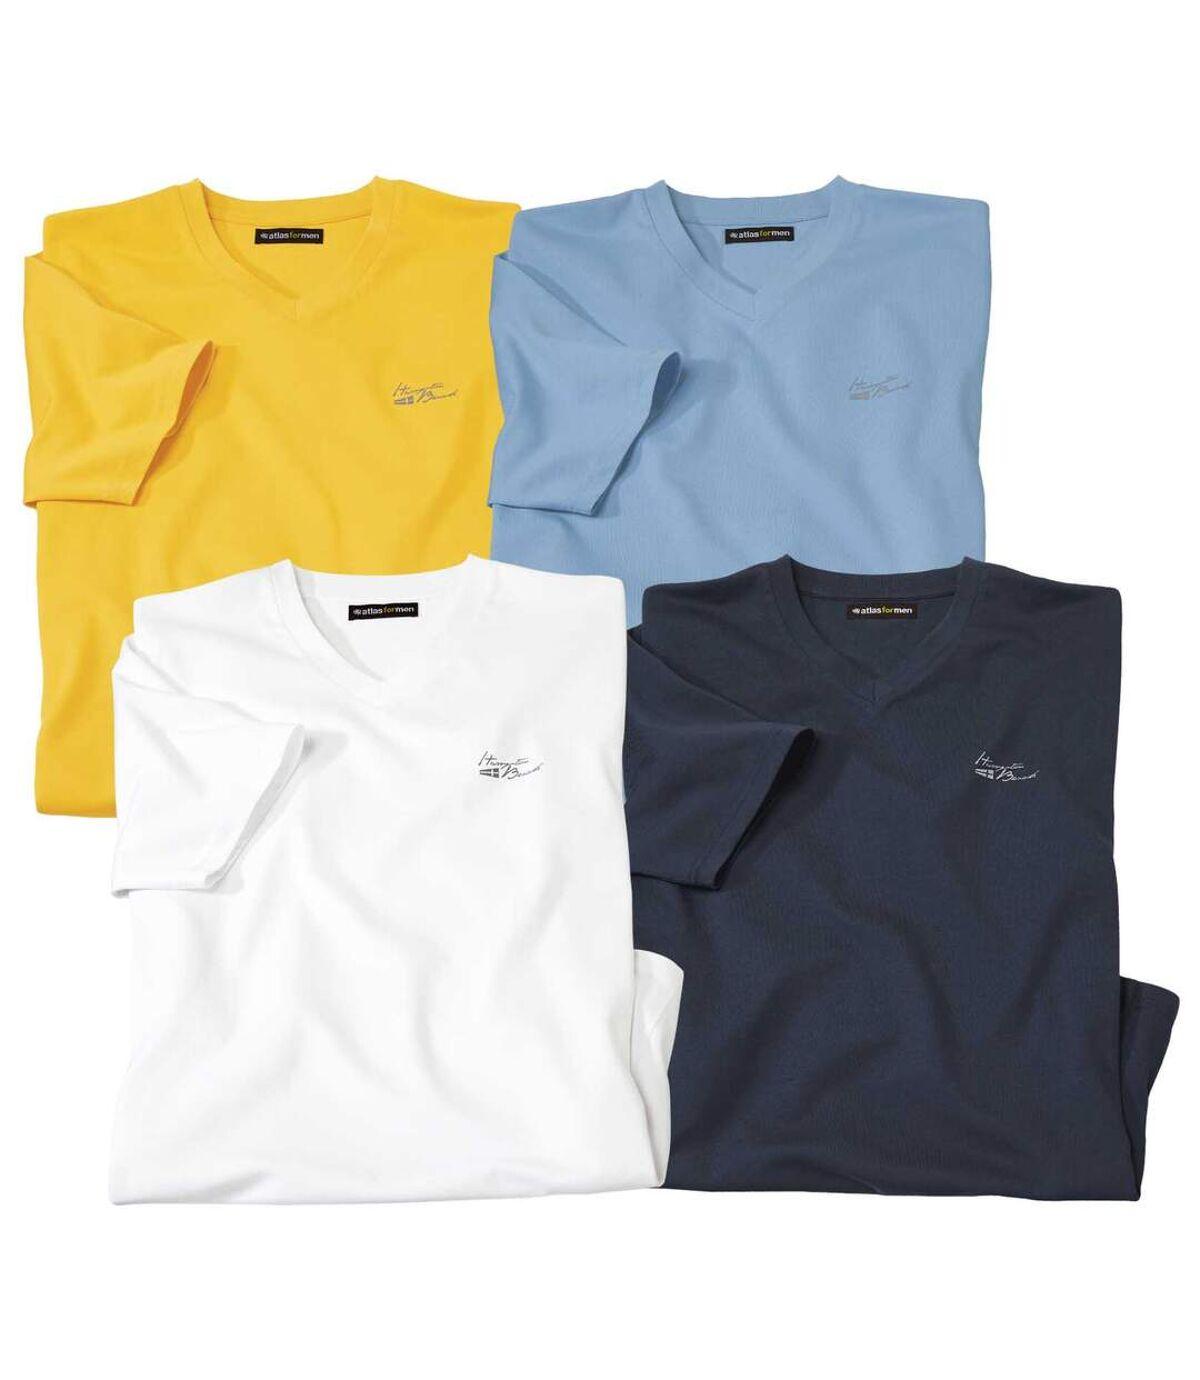 4er-Pack T-Shirts Hamptons Atlas For Men